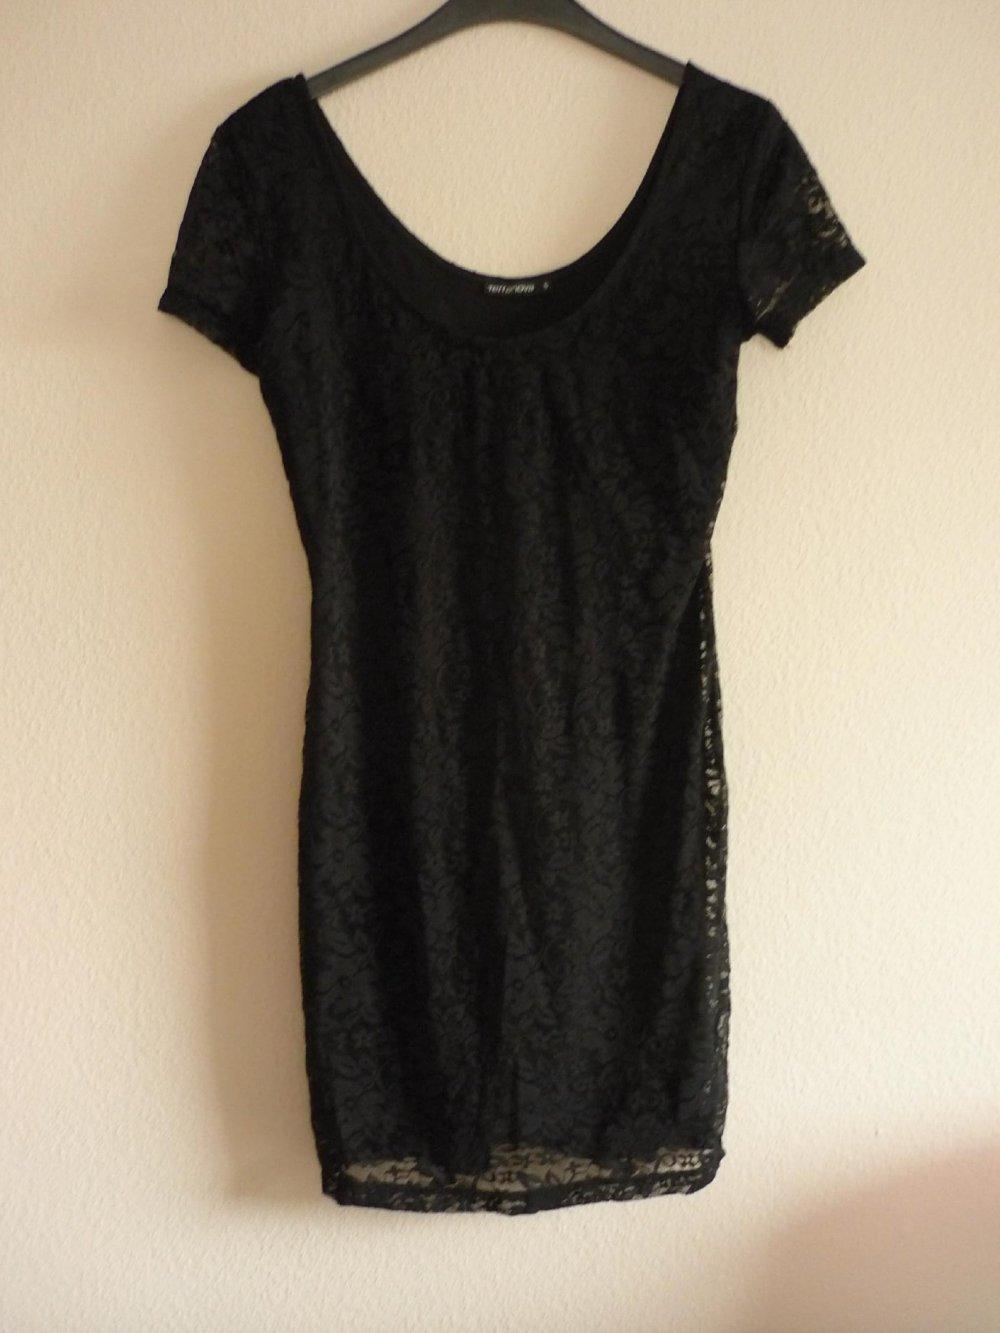 Kleid - schwarz - viel Spitze - eng anliegend - Mini Kleid Gr.S